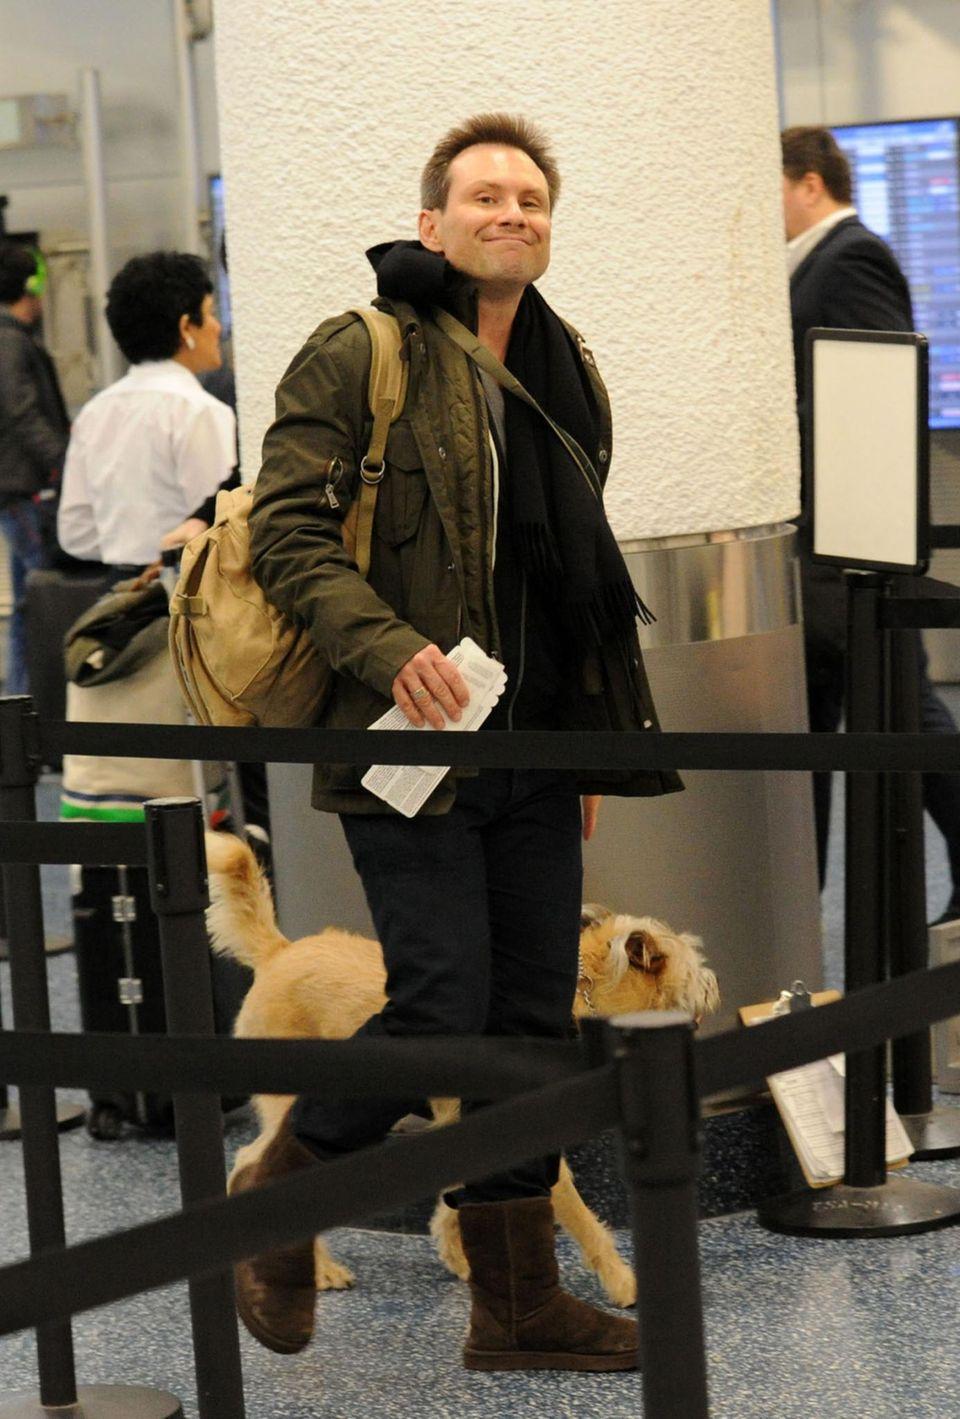 Christian Slater passiert mit Hund und Rucksack die Sicherheitskontrolle des Flughafens in Miami.